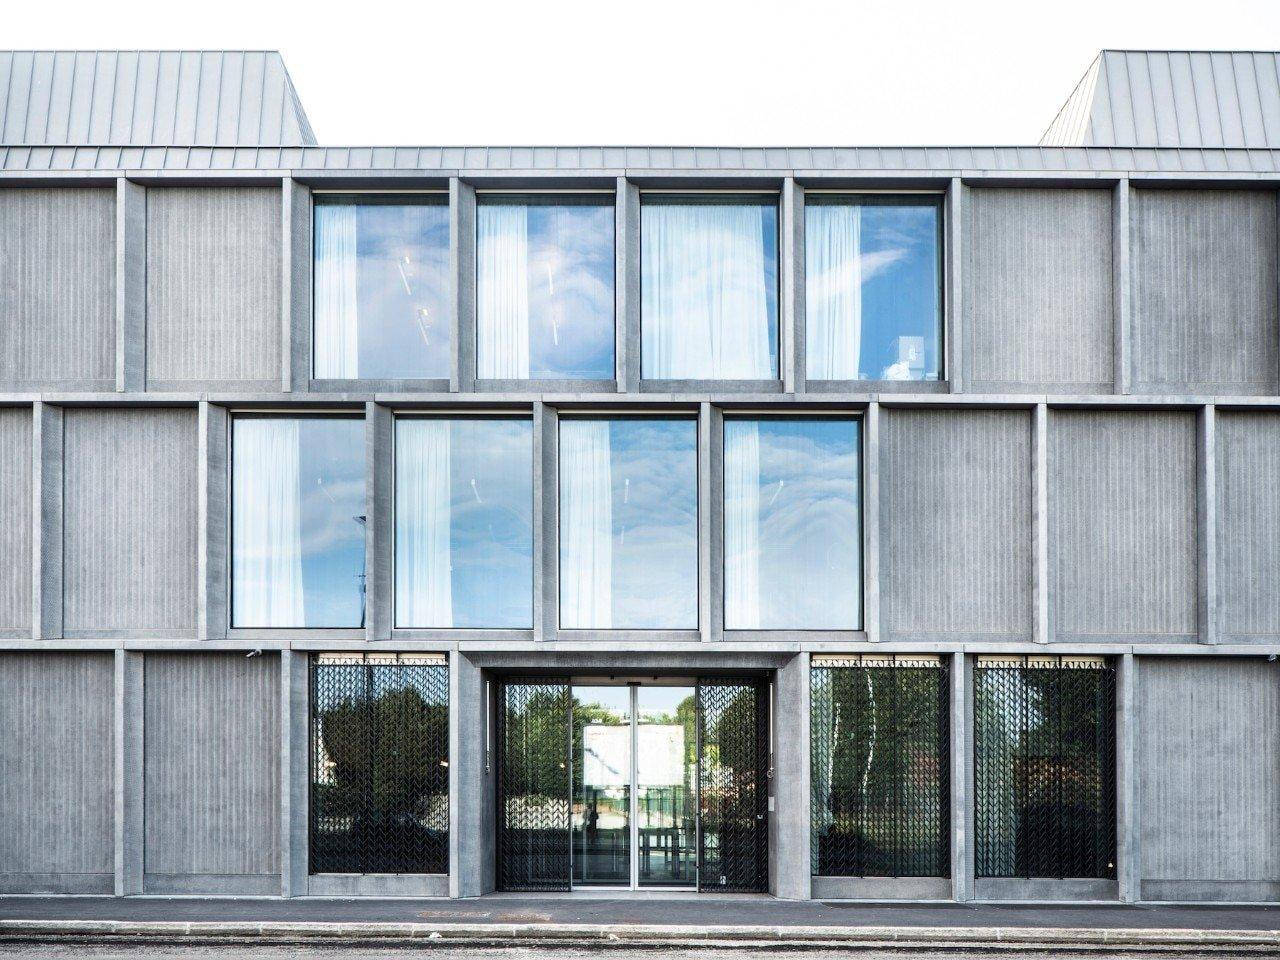 Pirelli: completato il quartier generale a Milano con suggestioni rinascimentali